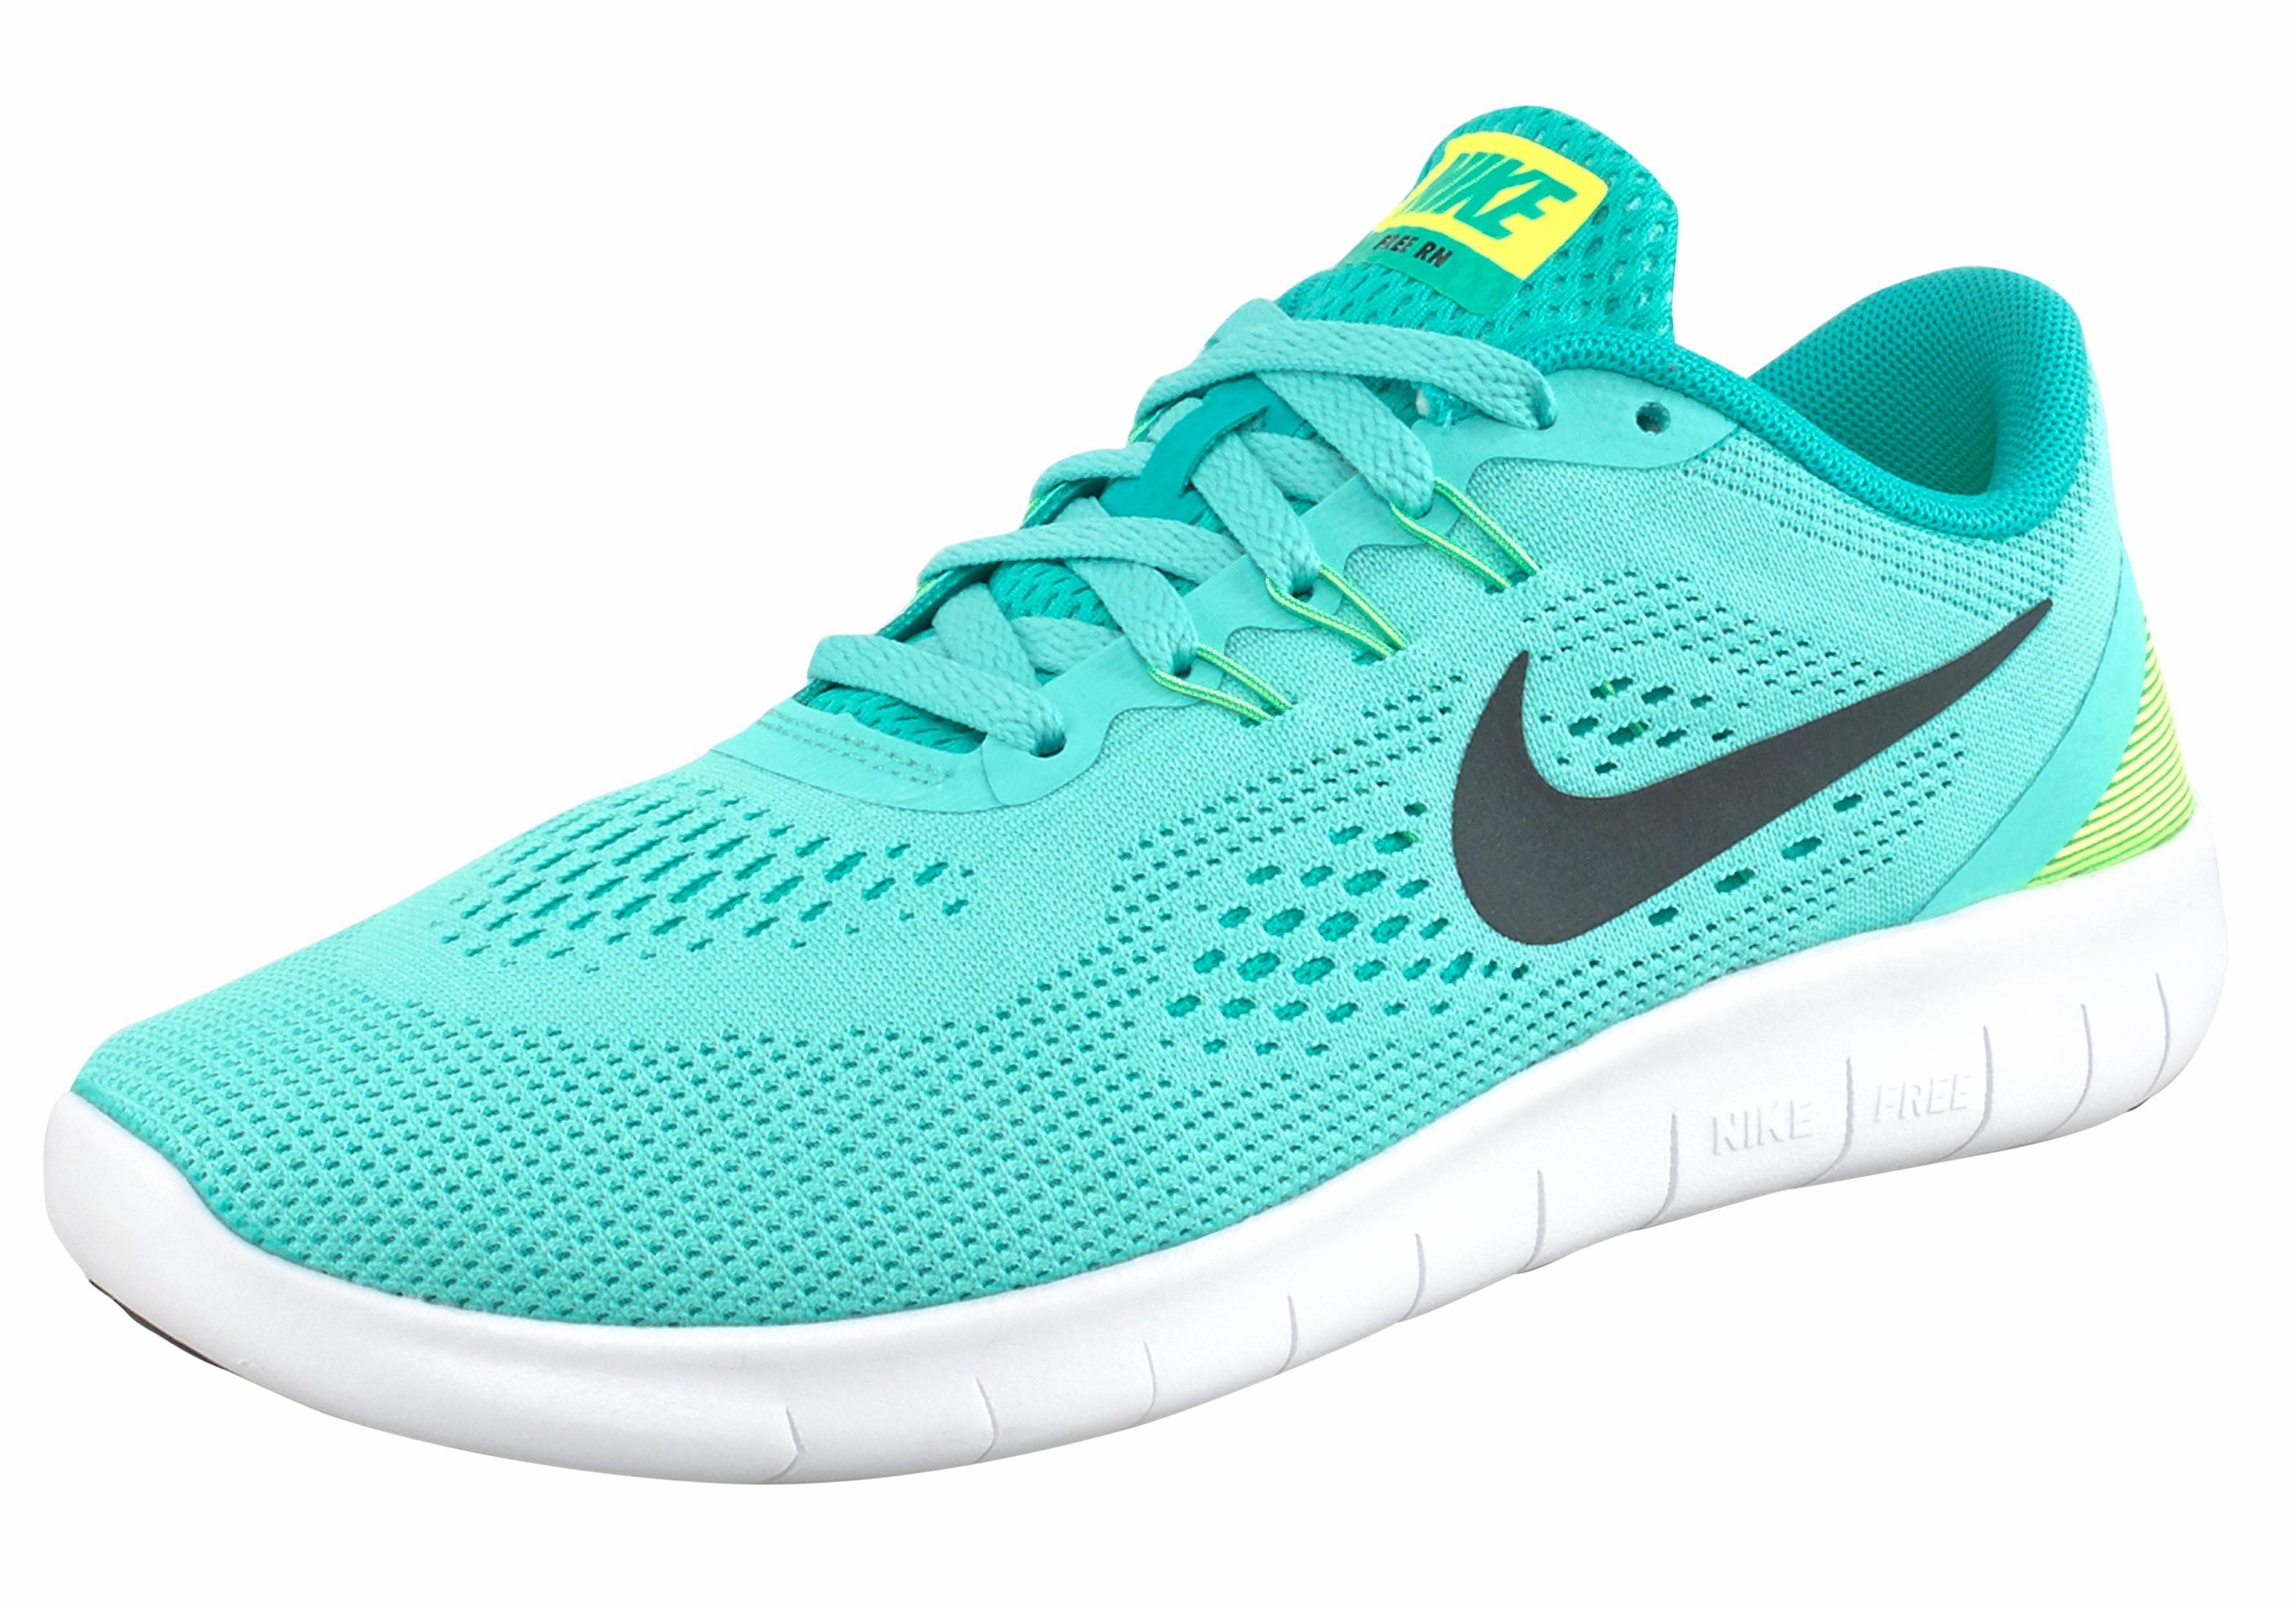 151218 | Nike Schuhe Nike Free Run 3.0 V4 Damen Laufschuh